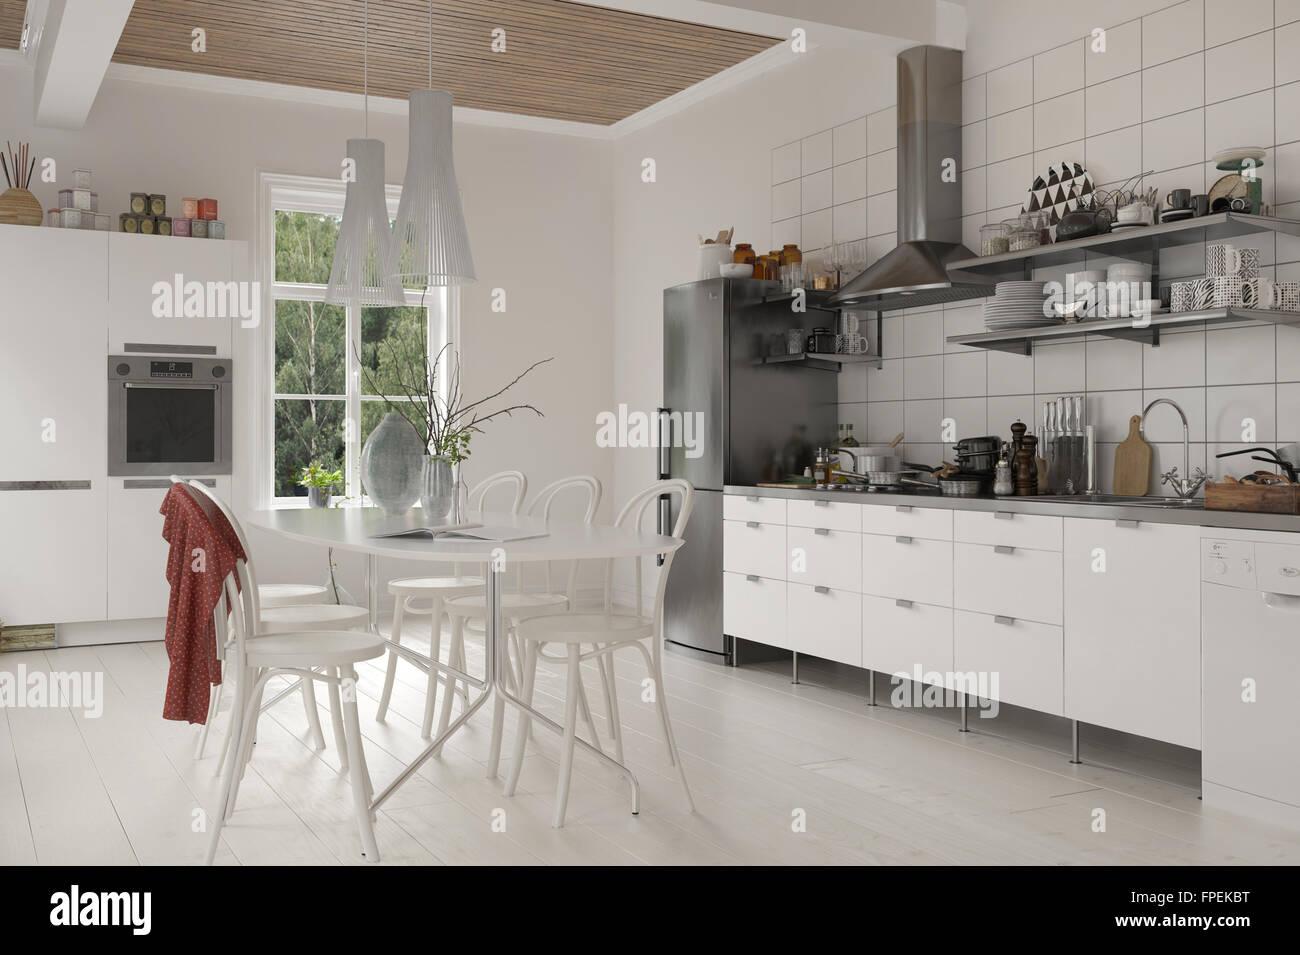 Vivir en rústica grande cocina con mesa y sillas, muebles de madera ...